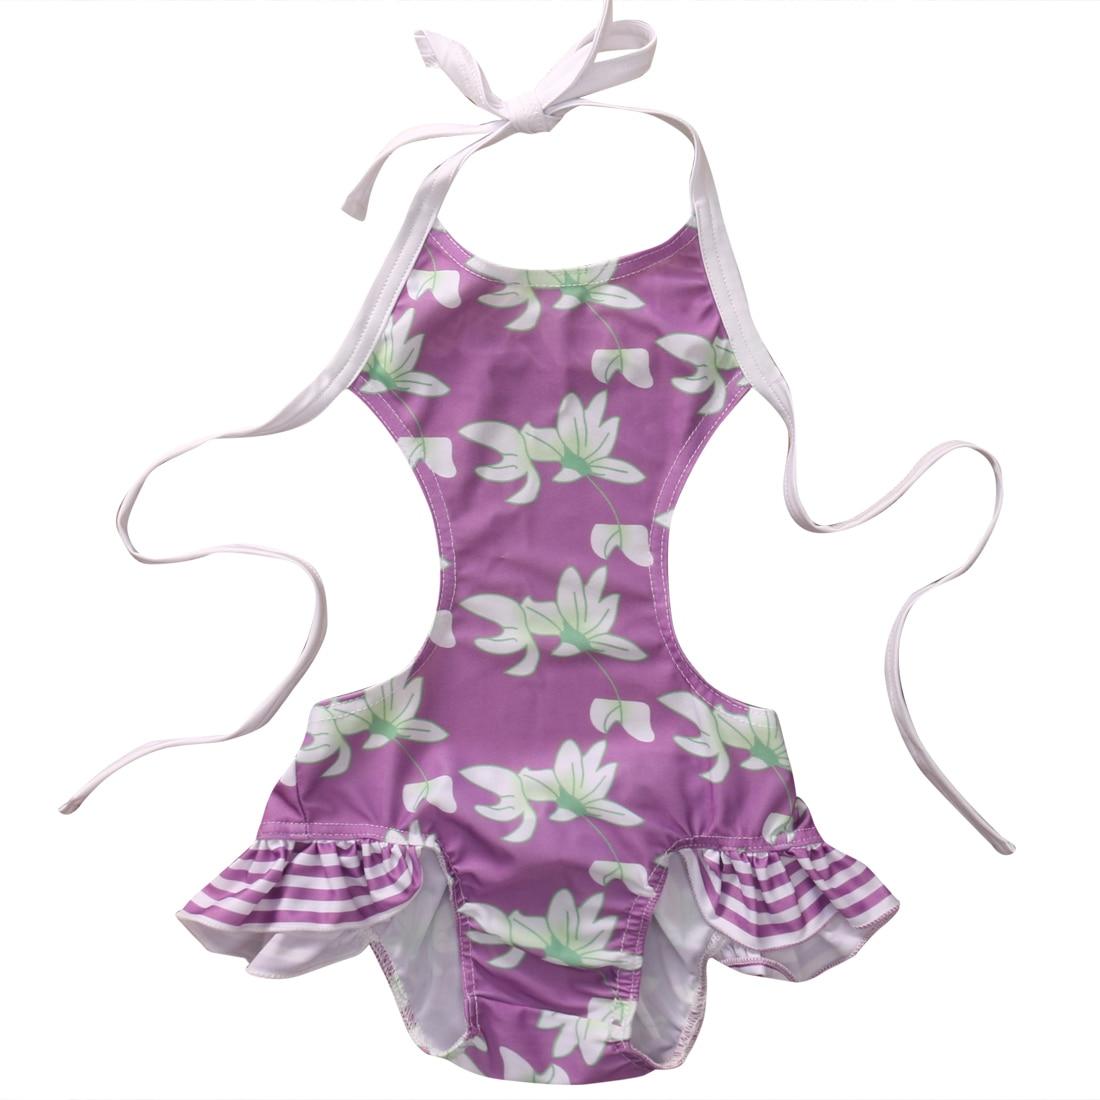 Детская одежда для малышей для девочек цветочный бикини, танкини Купальники для малышек купальный костюм От 0 до 6 лет